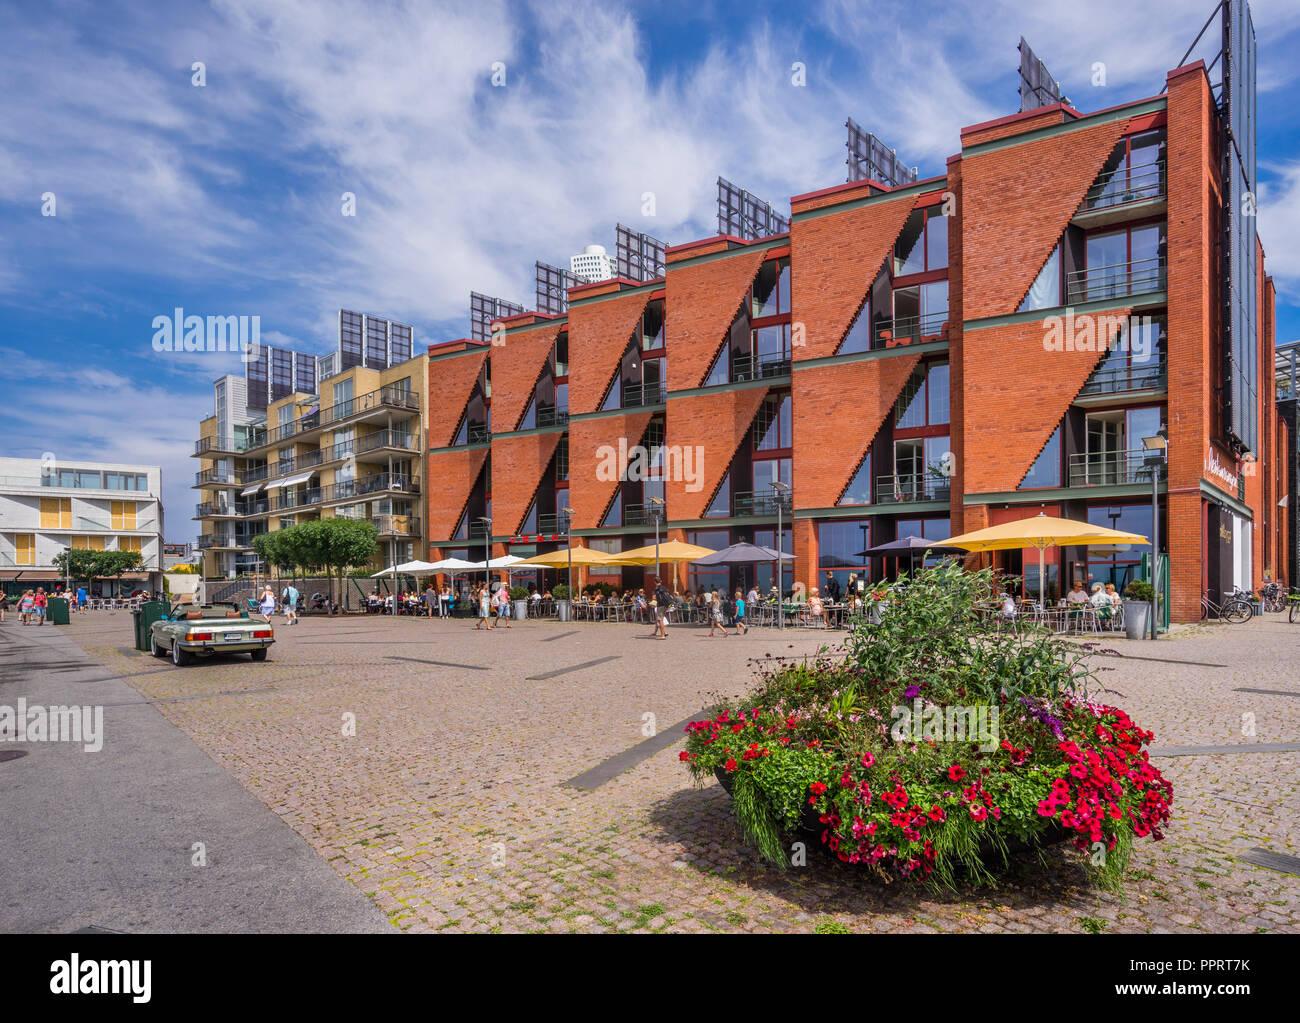 V.E.S.P.A. Ristorante innovativi nel quartiere di Västra Hamnen (Western Harbour) a Malmö, Scania in Svezia Immagini Stock